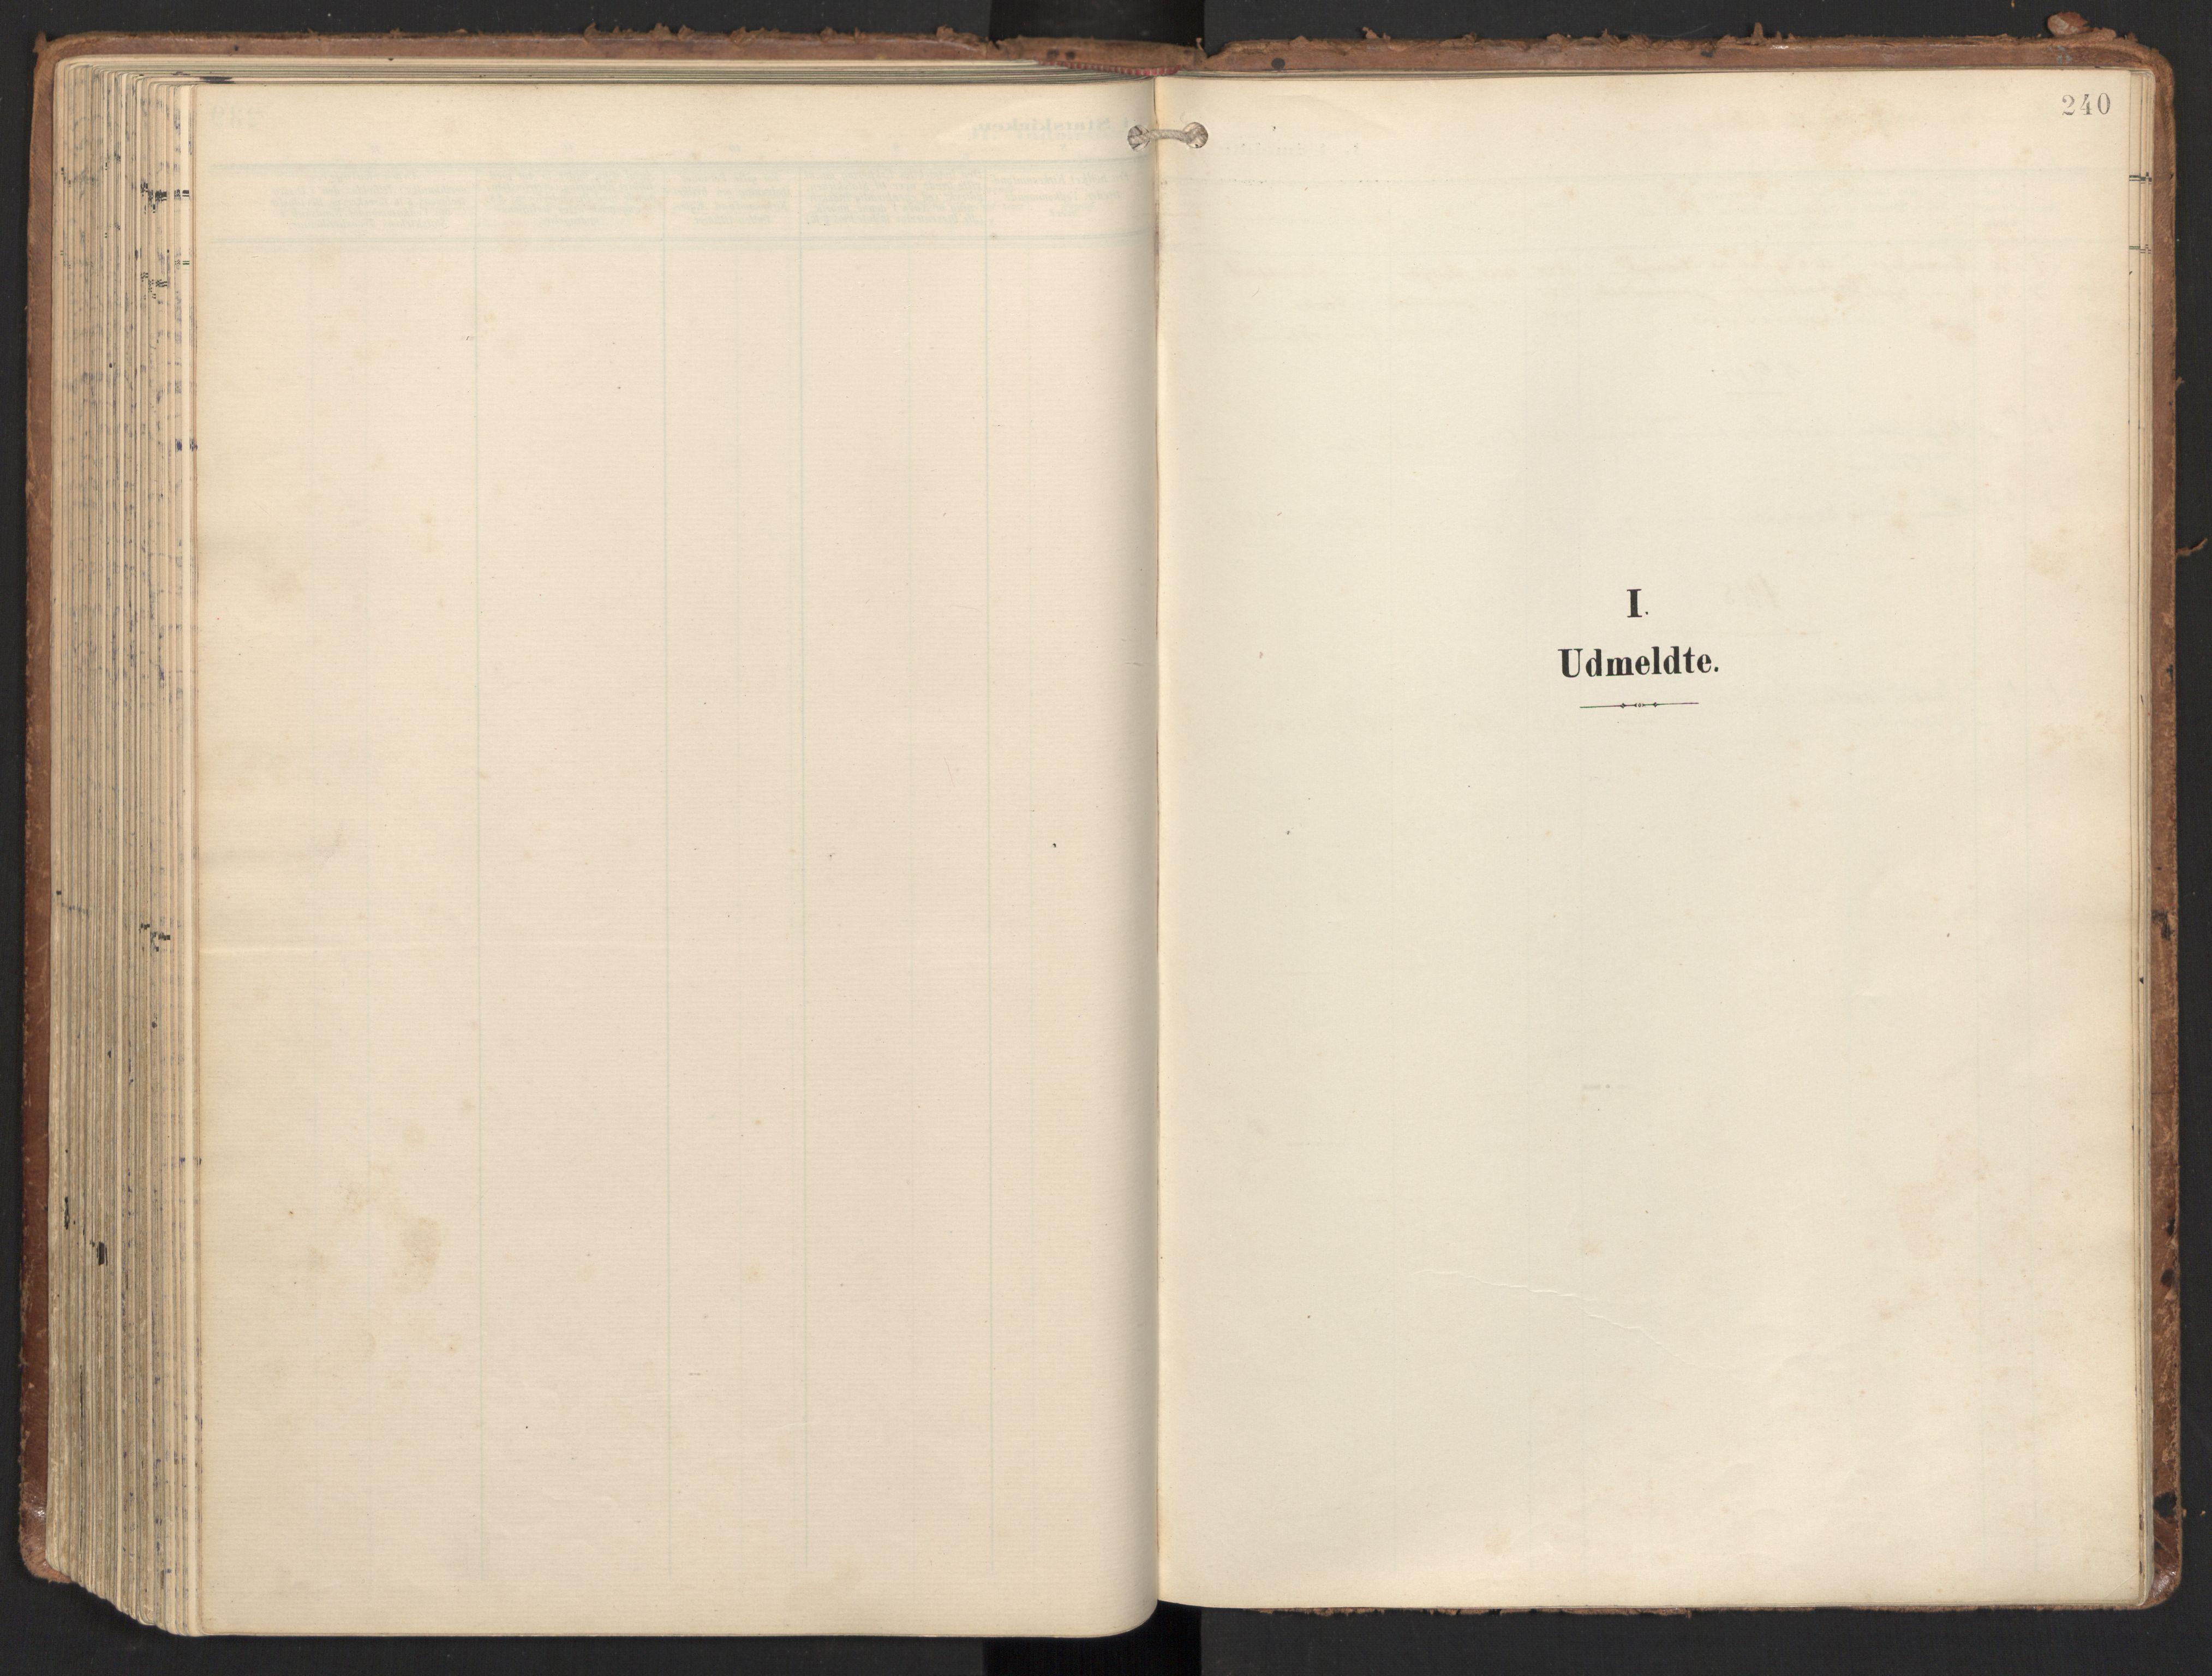 SAT, Ministerialprotokoller, klokkerbøker og fødselsregistre - Nord-Trøndelag, 784/L0677: Ministerialbok nr. 784A12, 1900-1920, s. 240